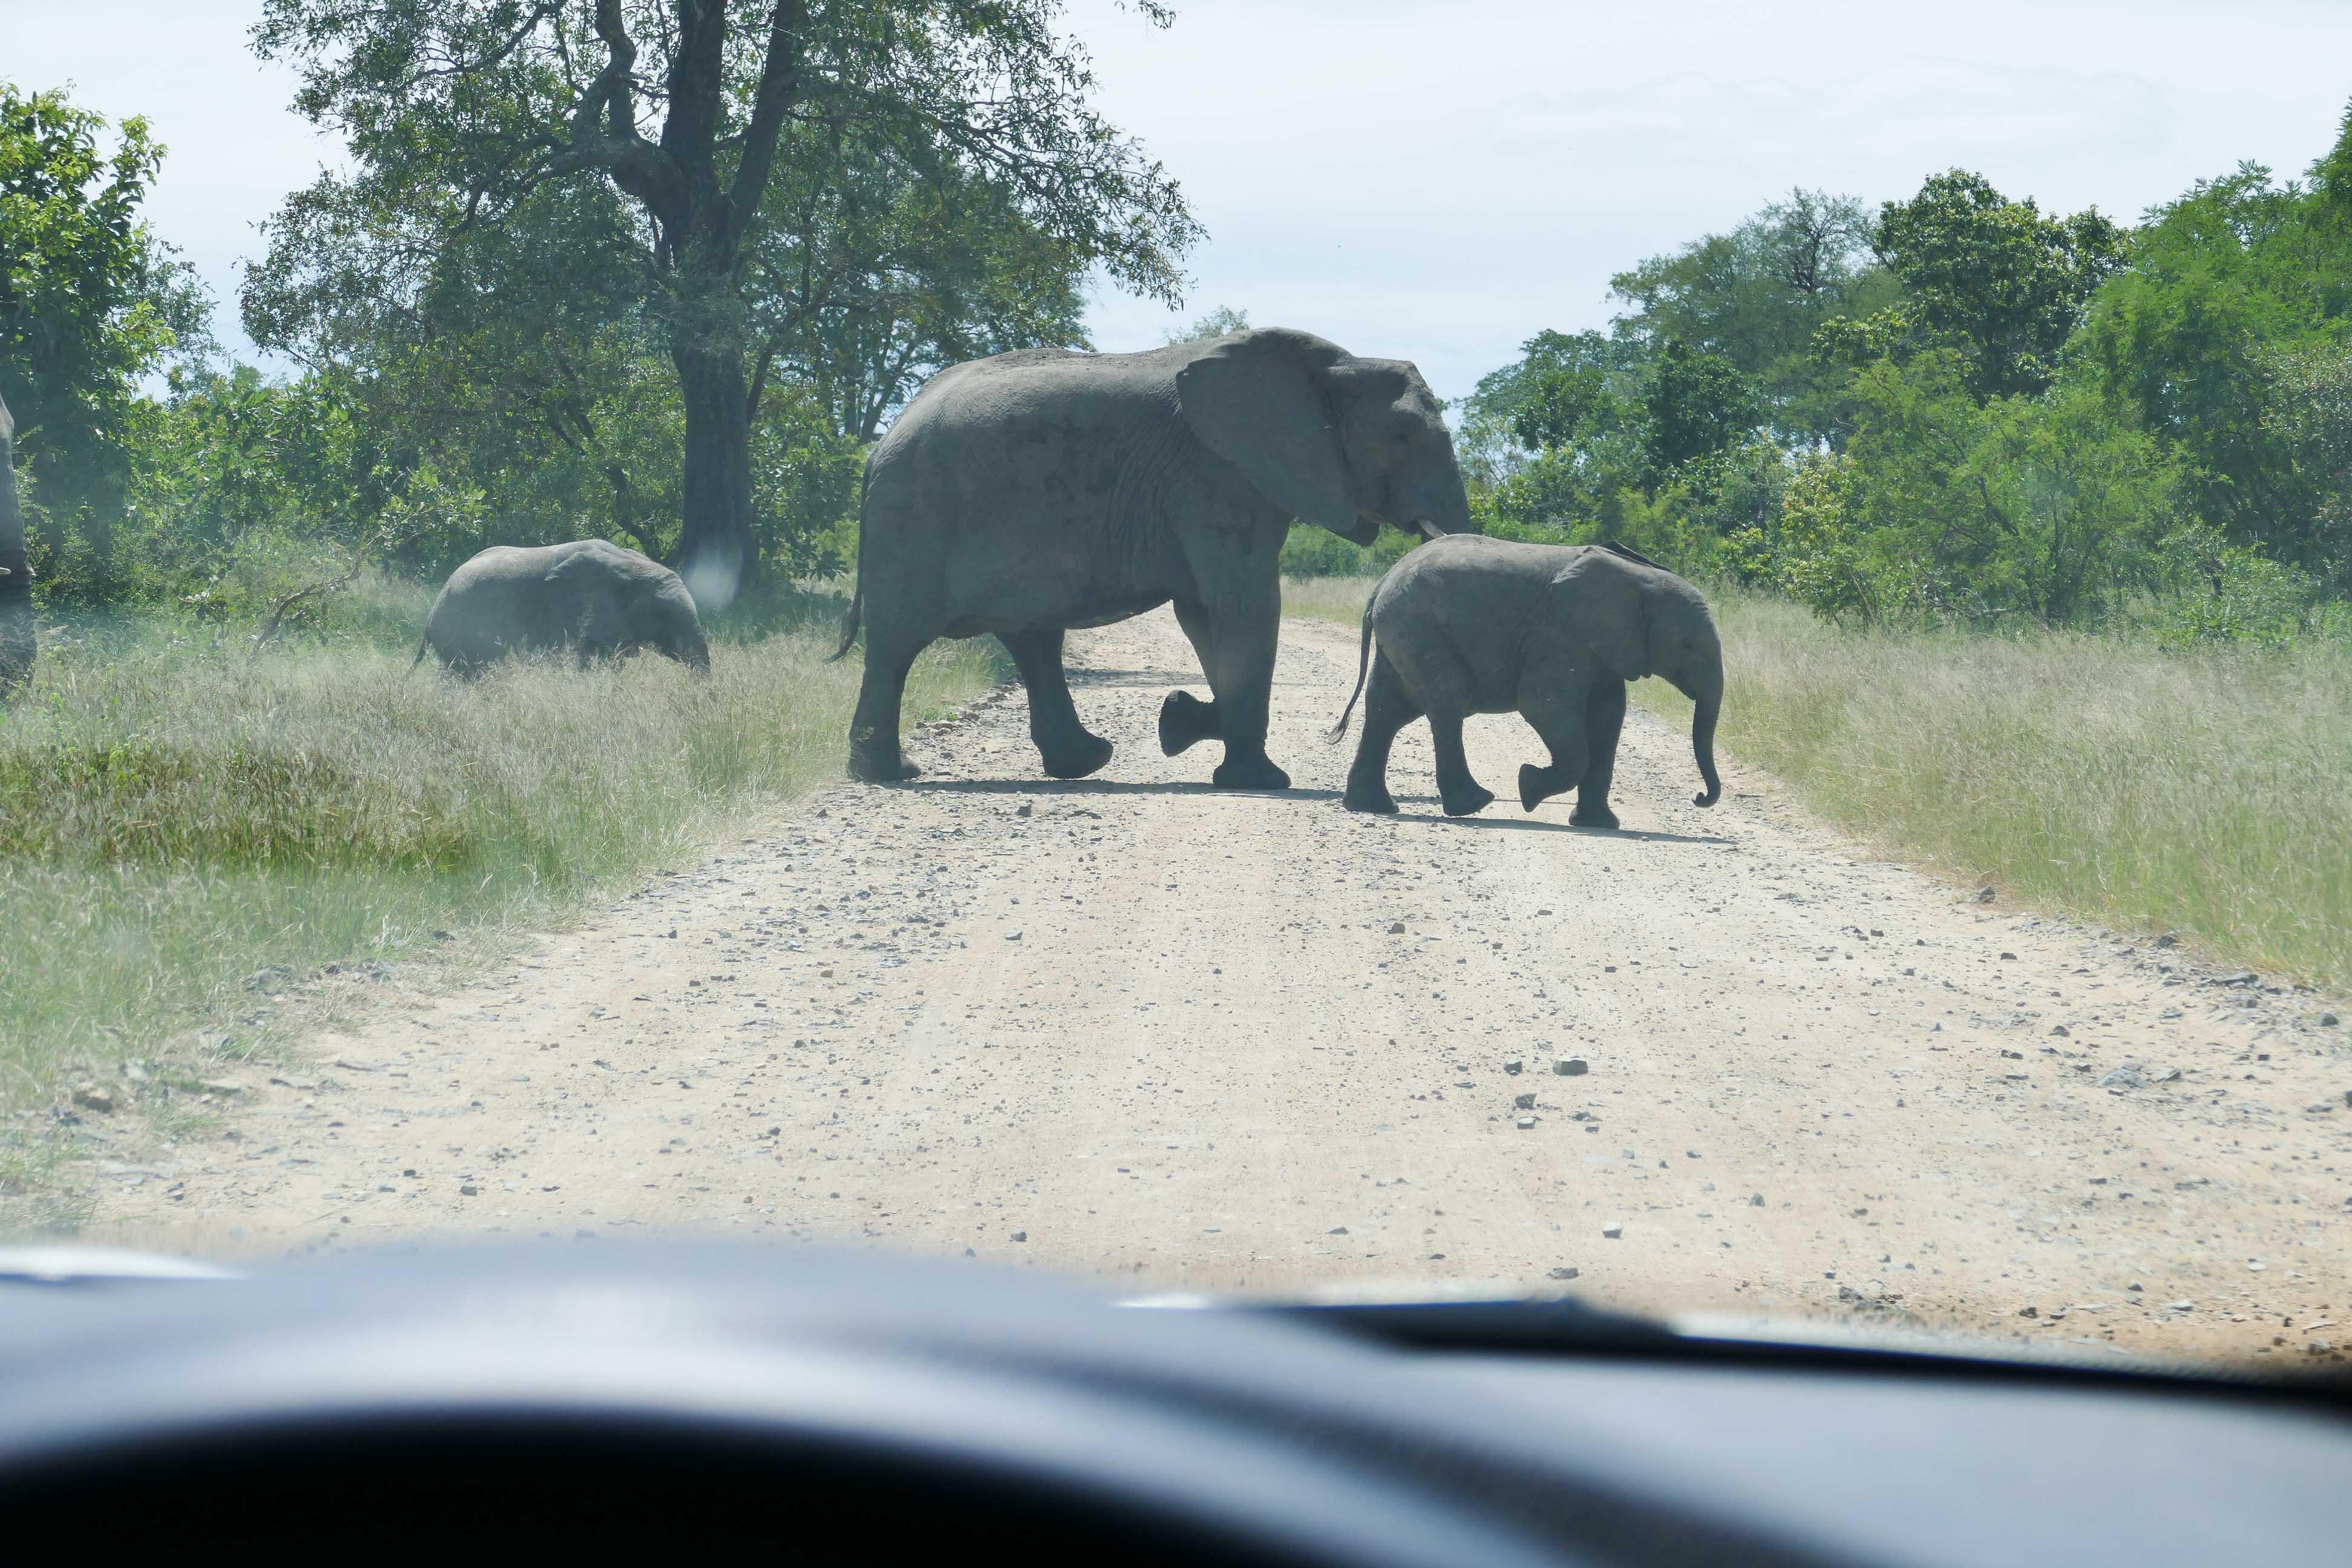 Voyage dans le Swaziland et au Parc Kruger en Afrique du Sud